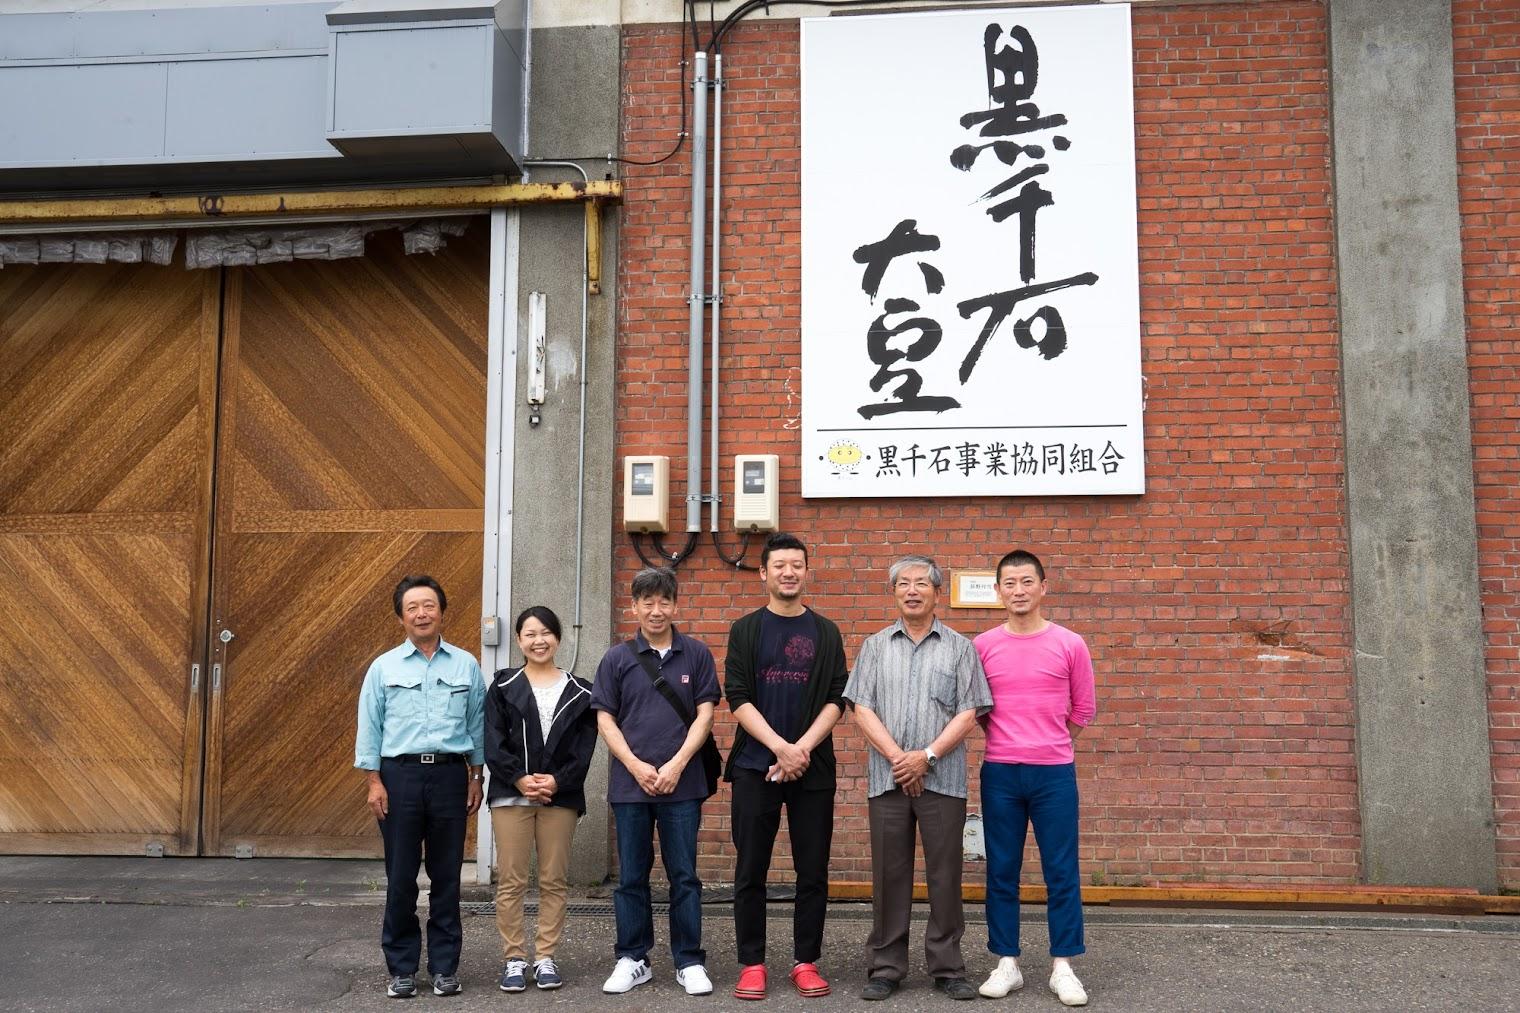 黒千石事業協同の倉庫前で記念撮影